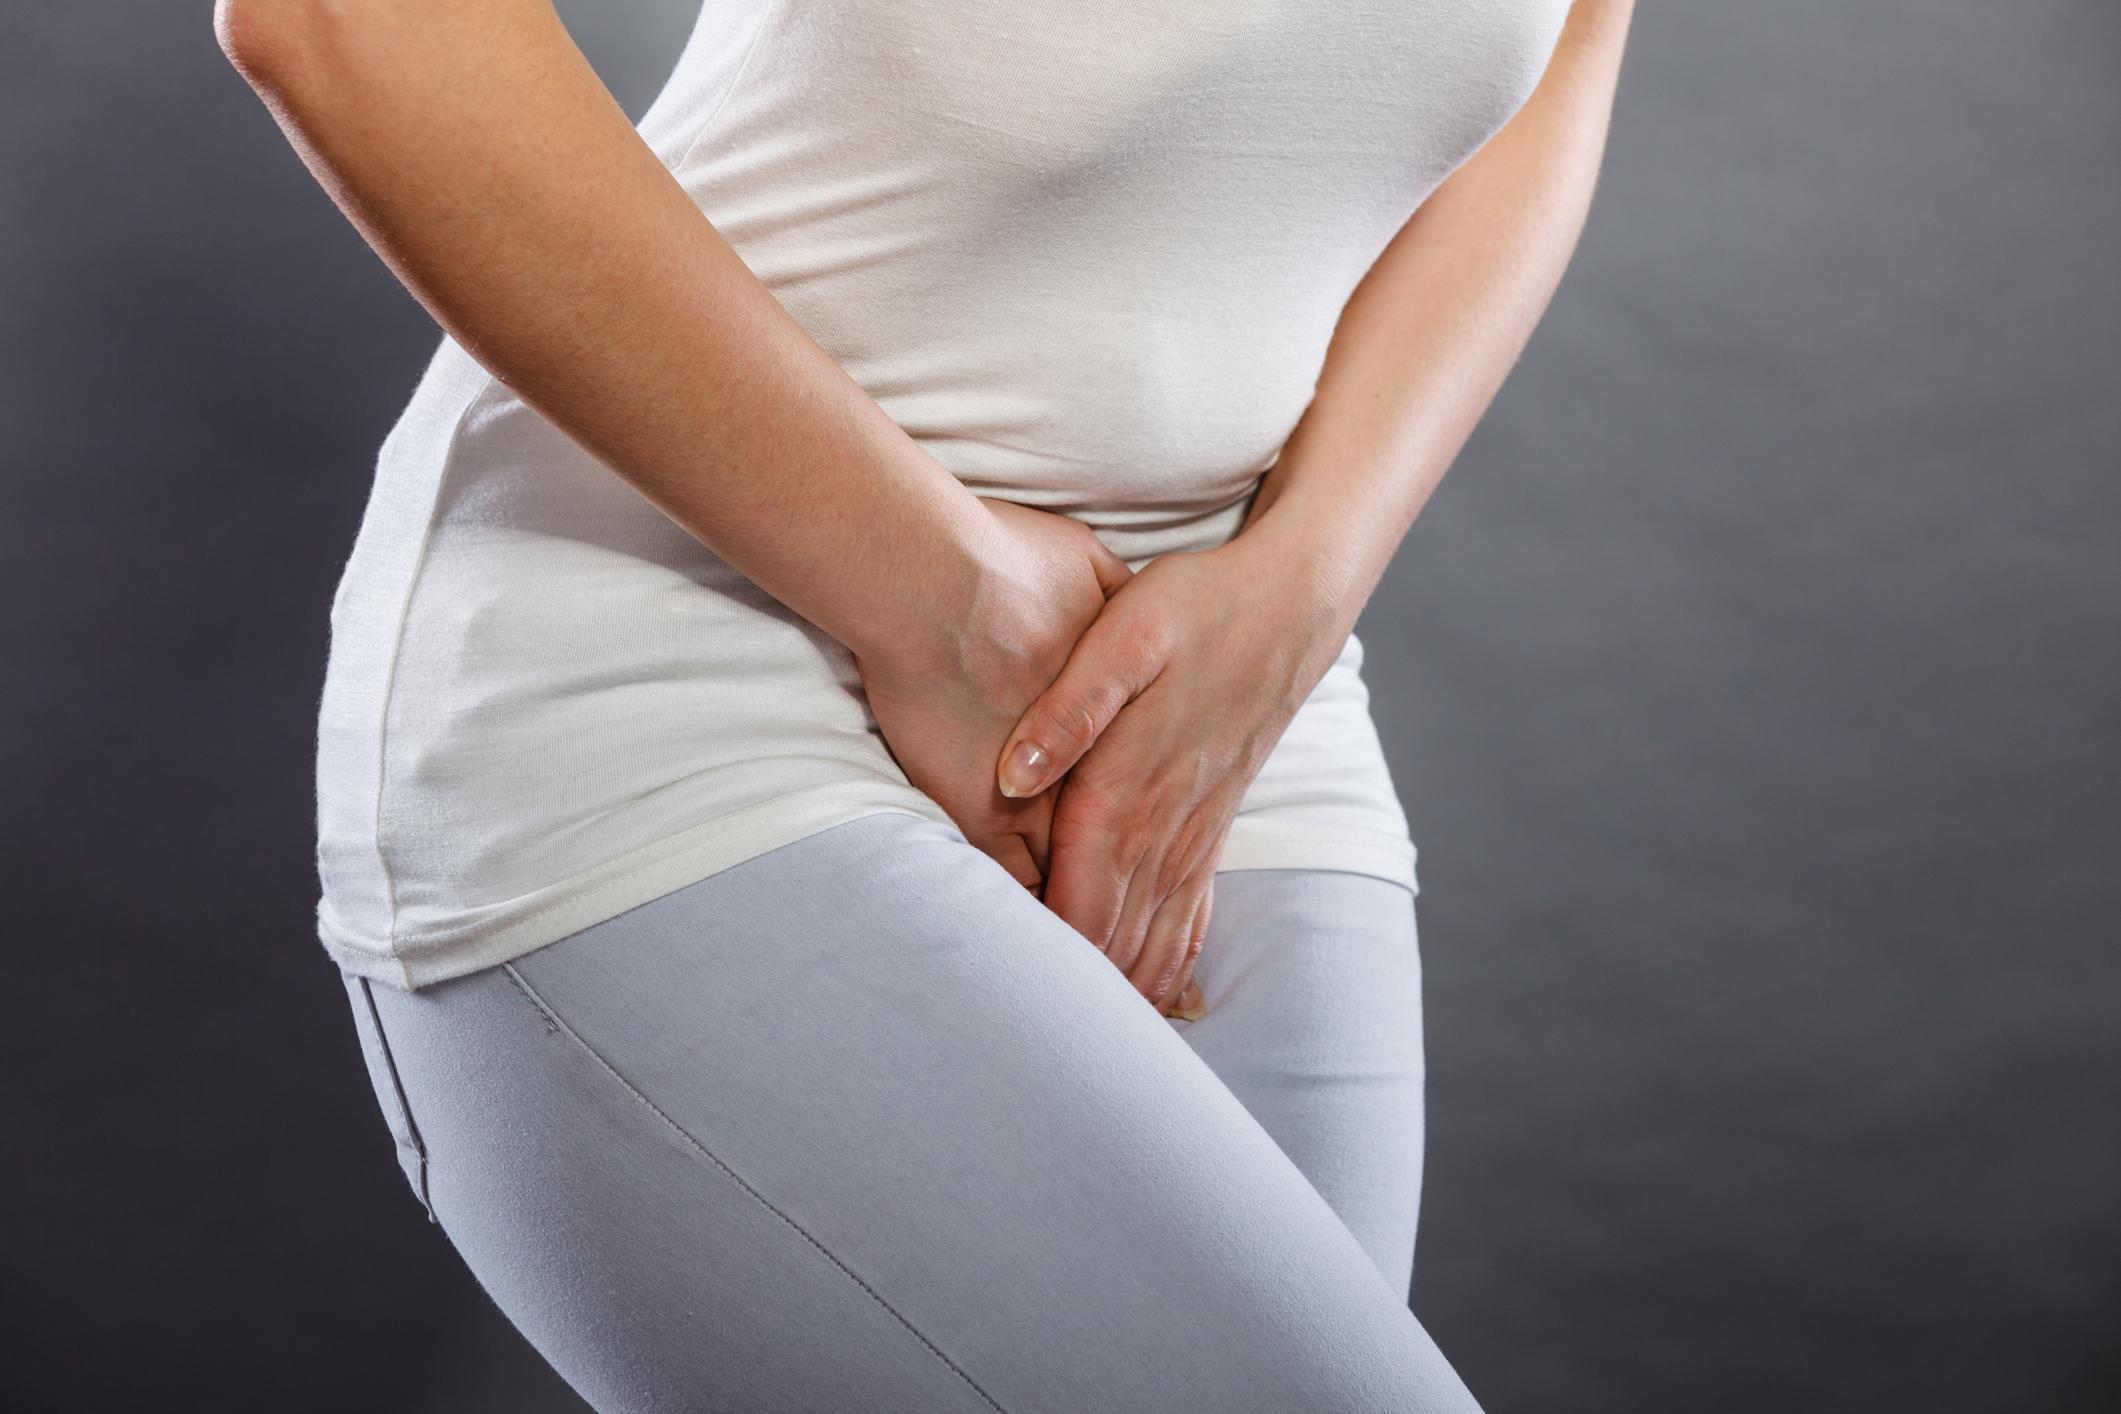 A infecção urinária é um incômodo para as mulheres. Veja dicas para evitar o problema e também saiba como se livrar das dores quando estiver com o sintoma.